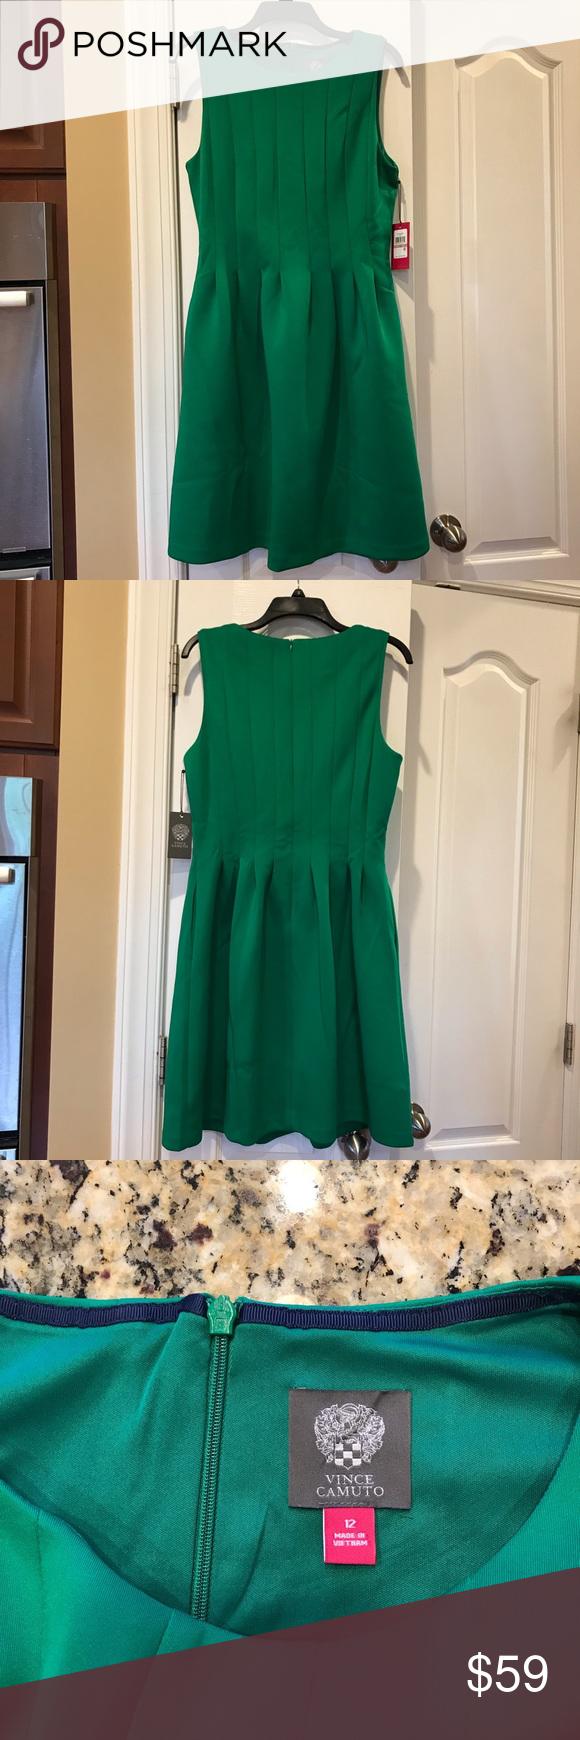 Vince Camuto Dress Vince Camuto Dress Clothes Design Dresses [ 1740 x 580 Pixel ]